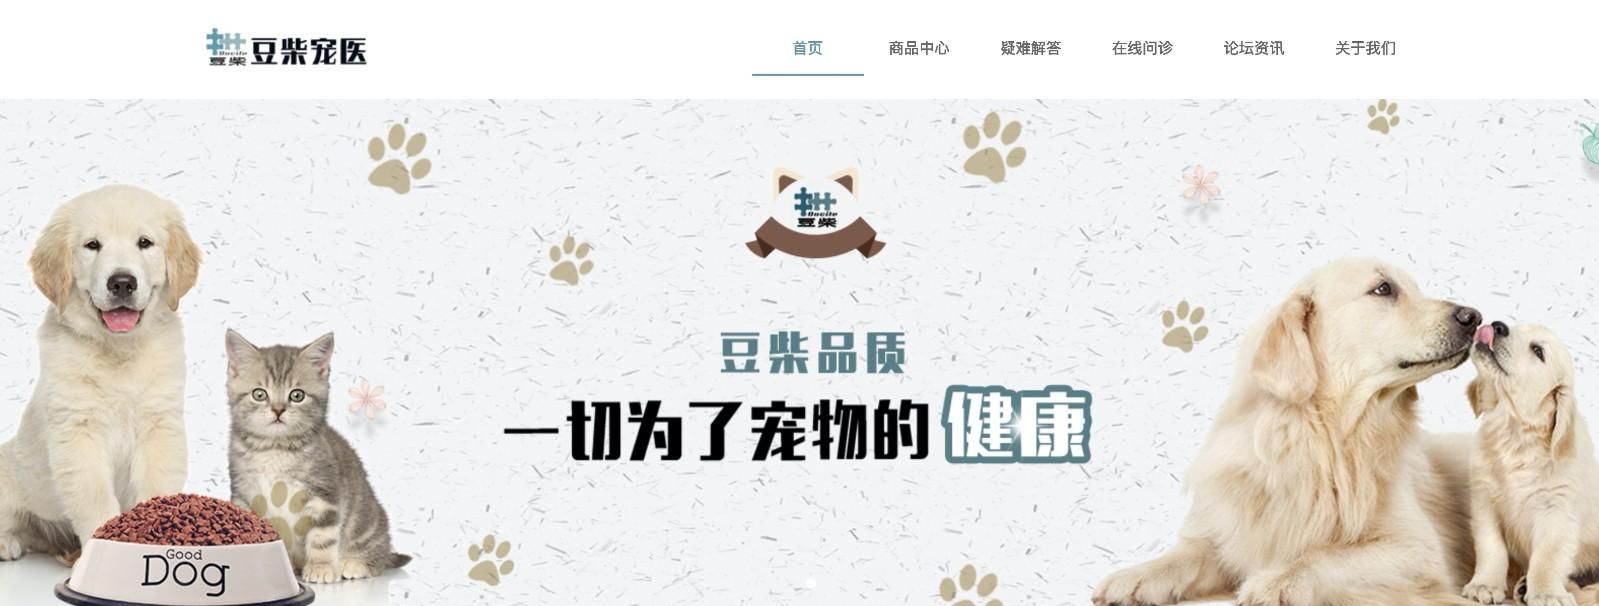 犀牛云-企业数字化引擎